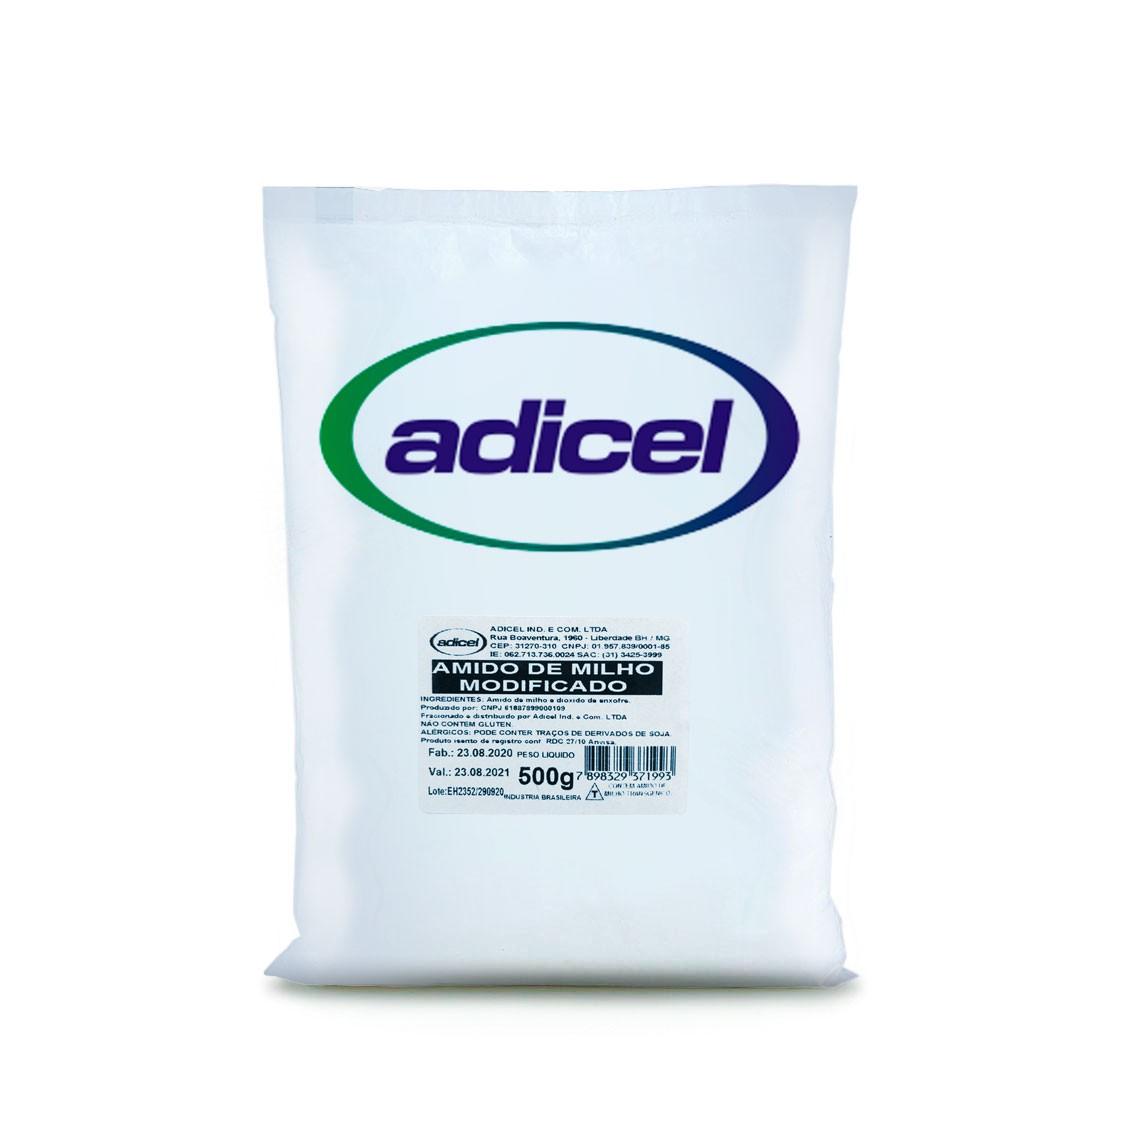 Amido De Milho Modificado - 500 g